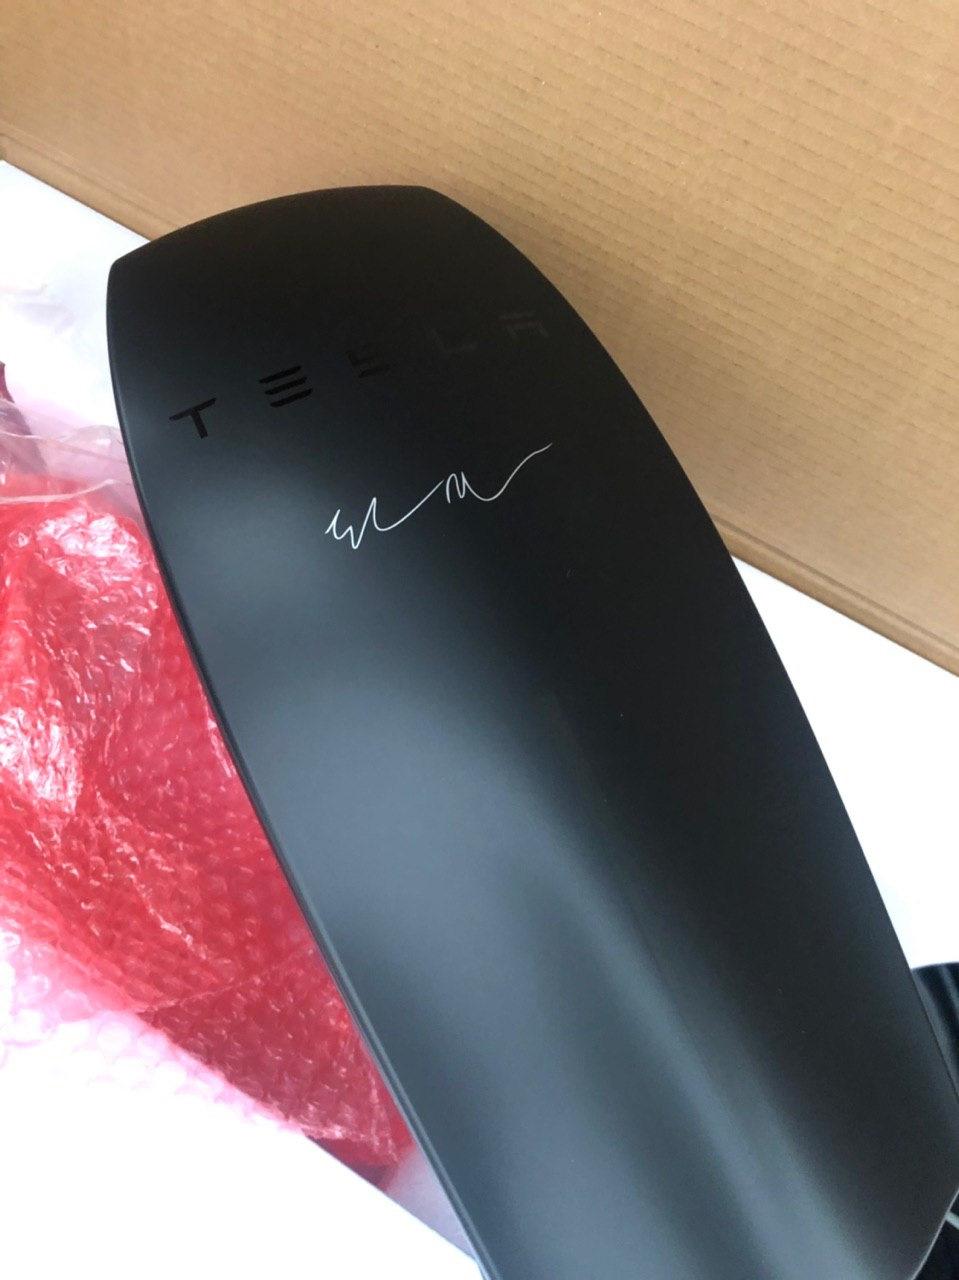 Европейская зарядка signature black :) — Tesla Model X, 2016